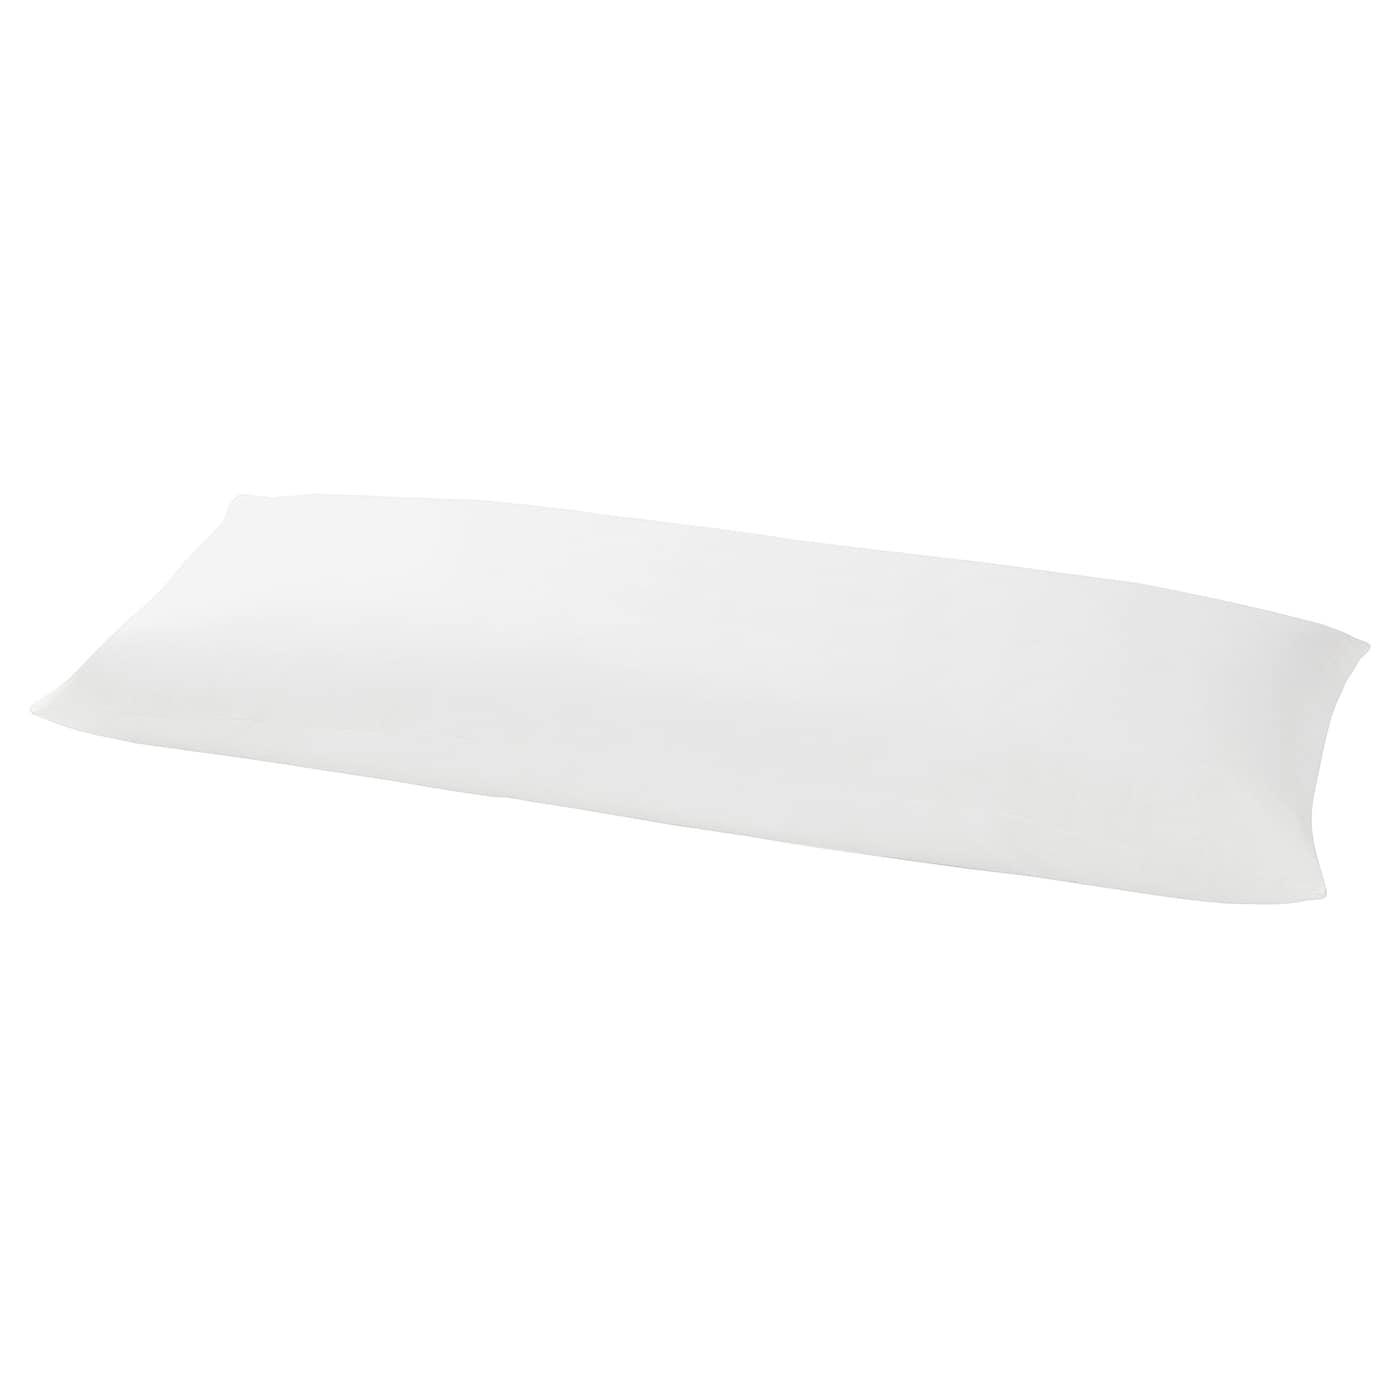 Axfryle Body Pillow White Ikea